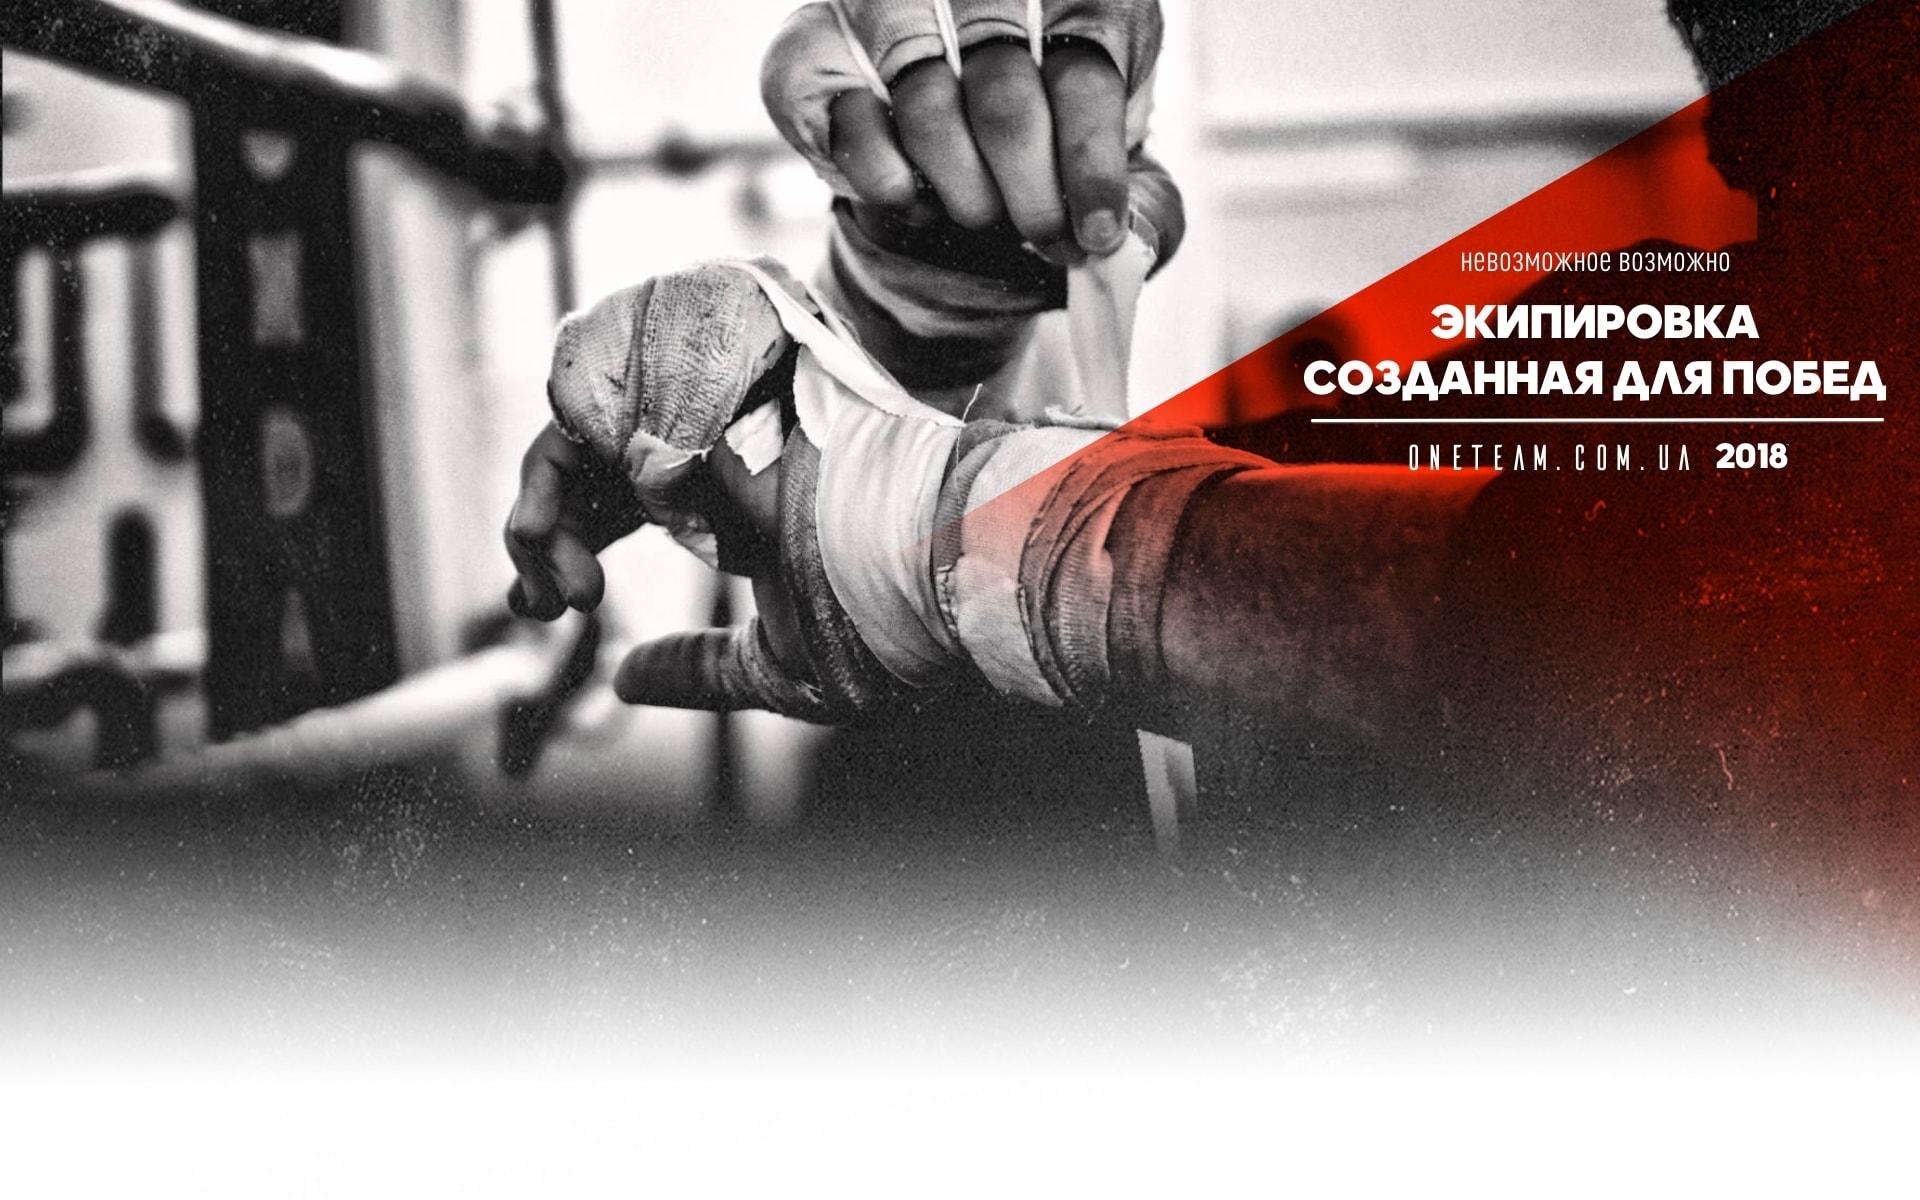 Обувь для бокса и борьбы